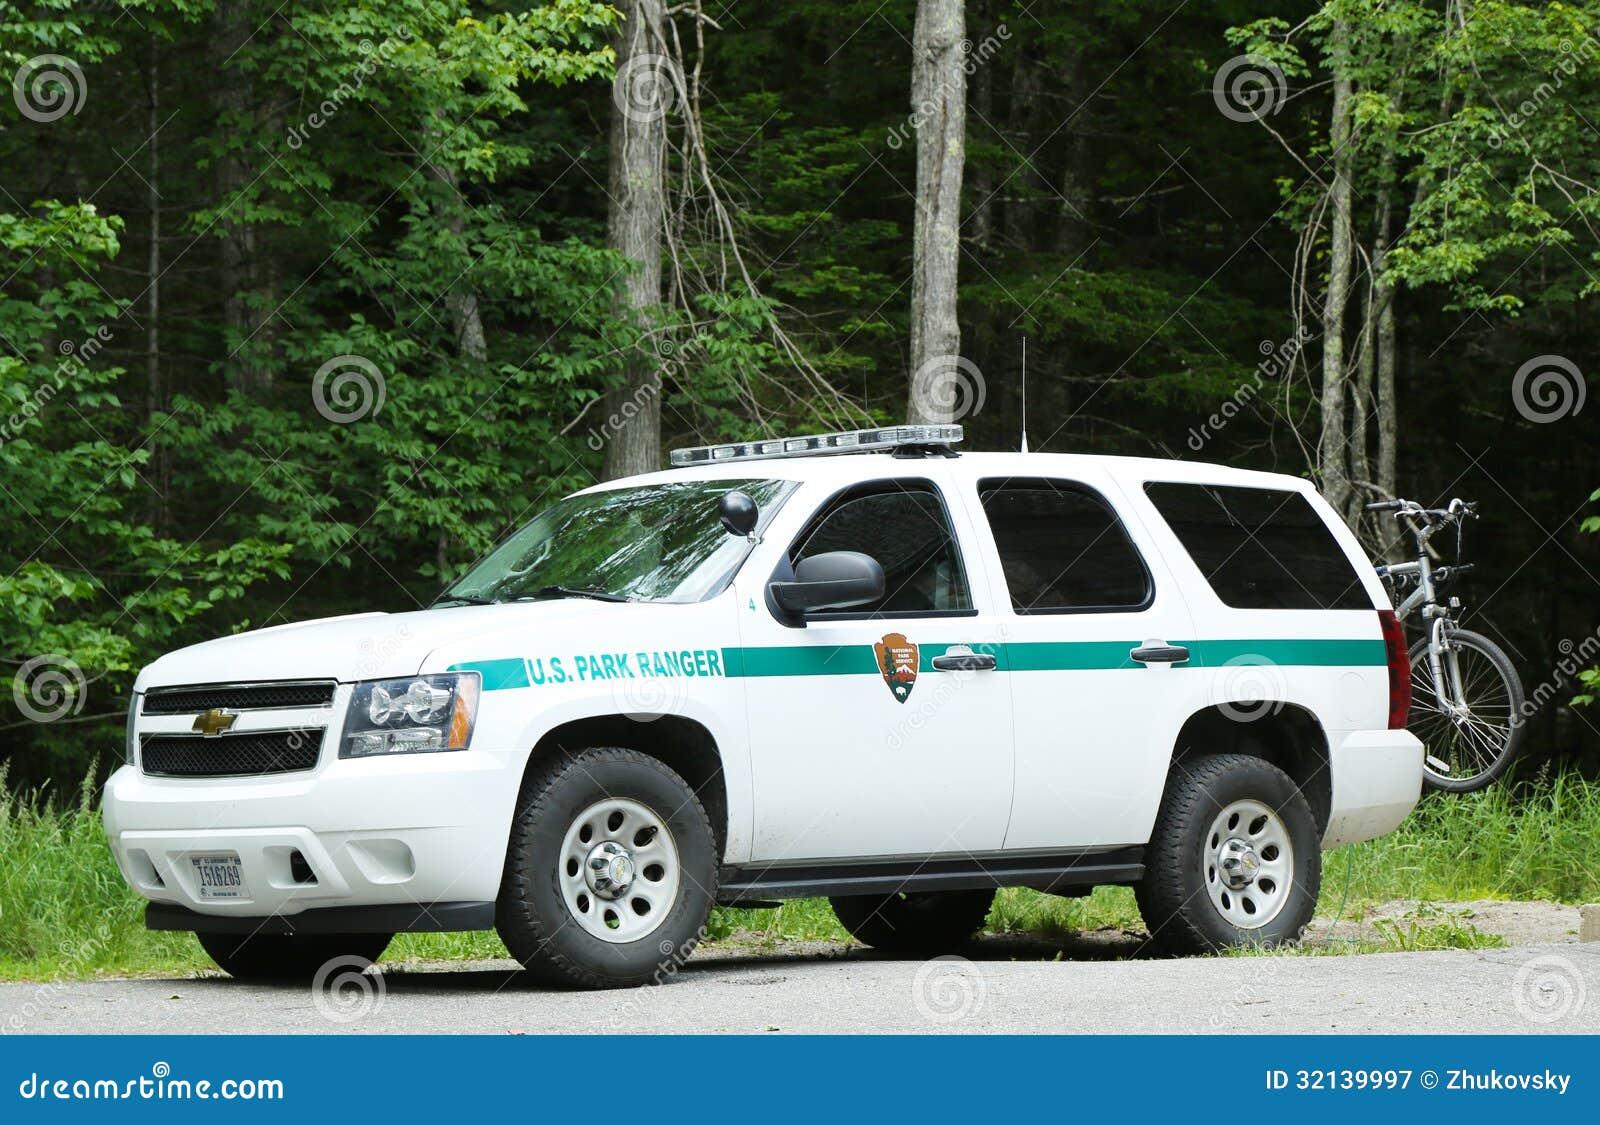 voiture de garde forestier des usa en parc national d 39 arcadie dans le port de barre maine. Black Bedroom Furniture Sets. Home Design Ideas